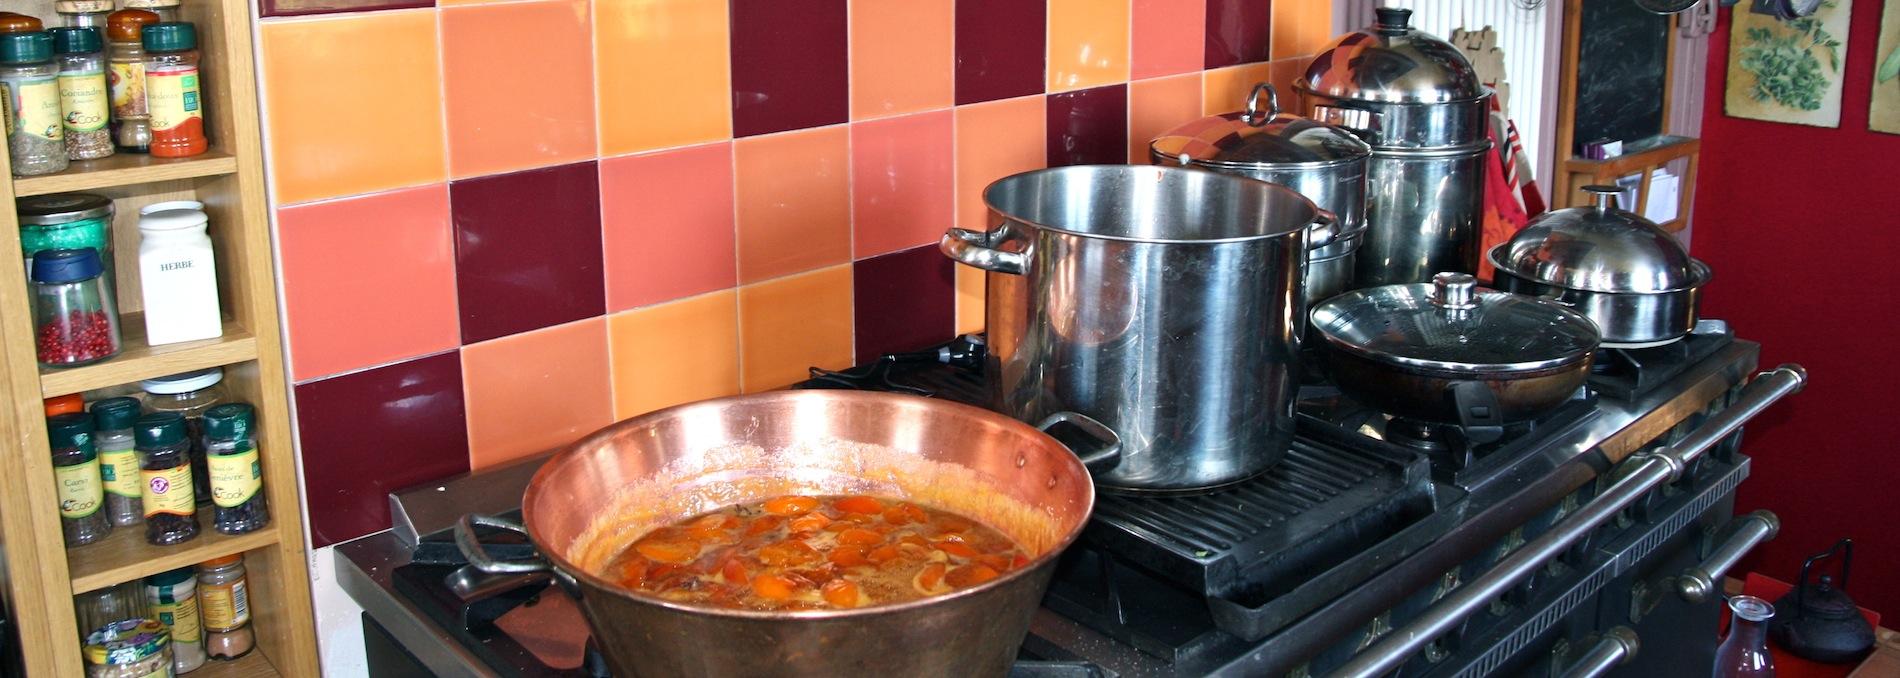 Programme Des Cours De CUISINE VEGETARIENNE La Source Dorée - Cours de cuisine vegetarienne